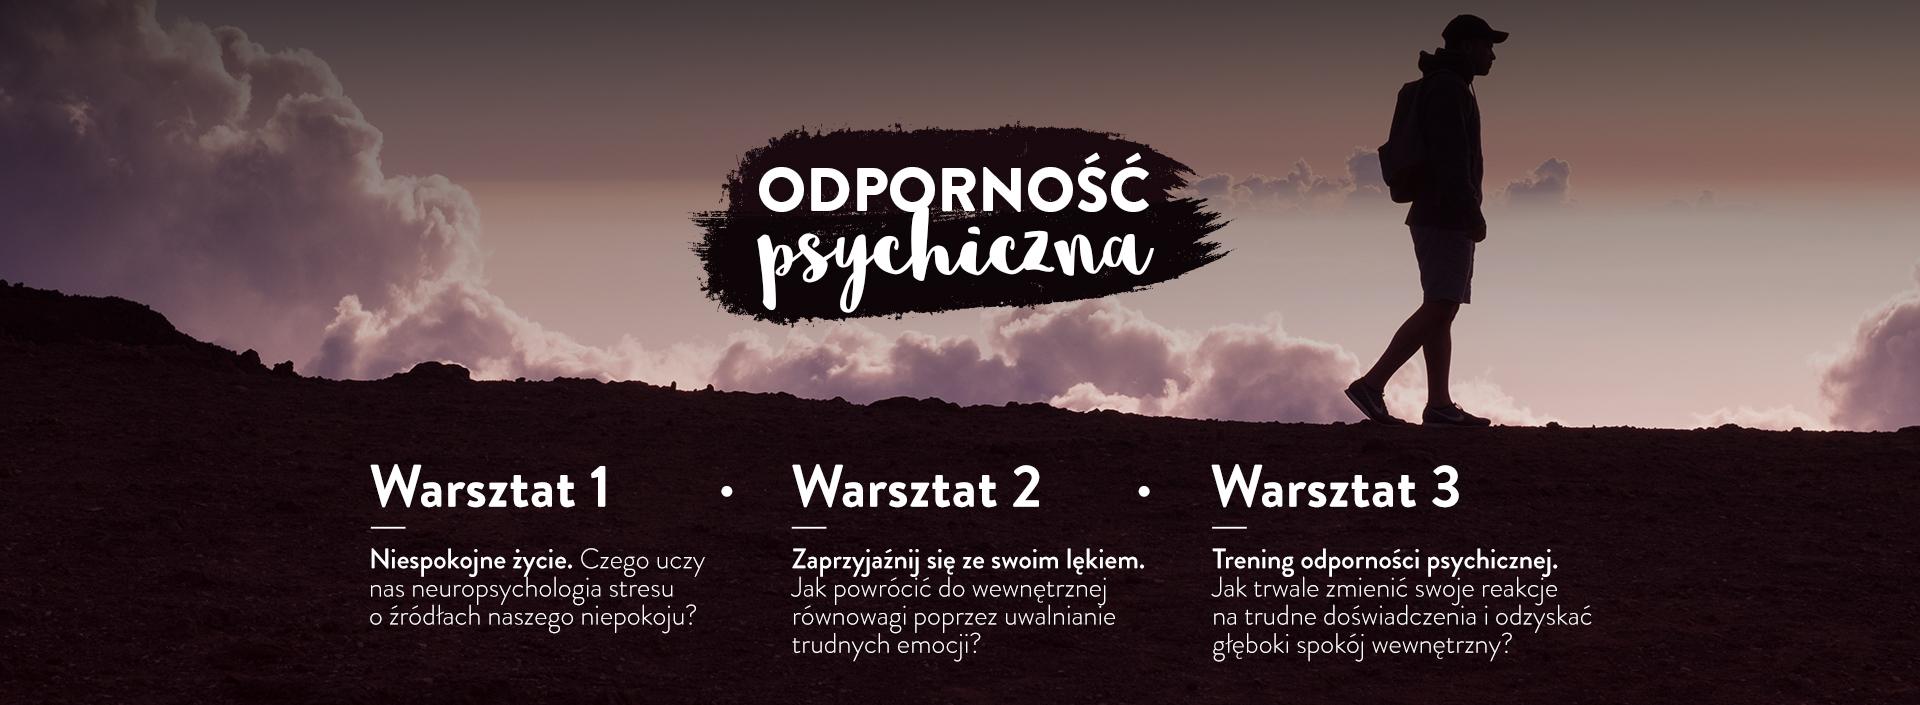 Warsztat online - Odporność psychiczna 2